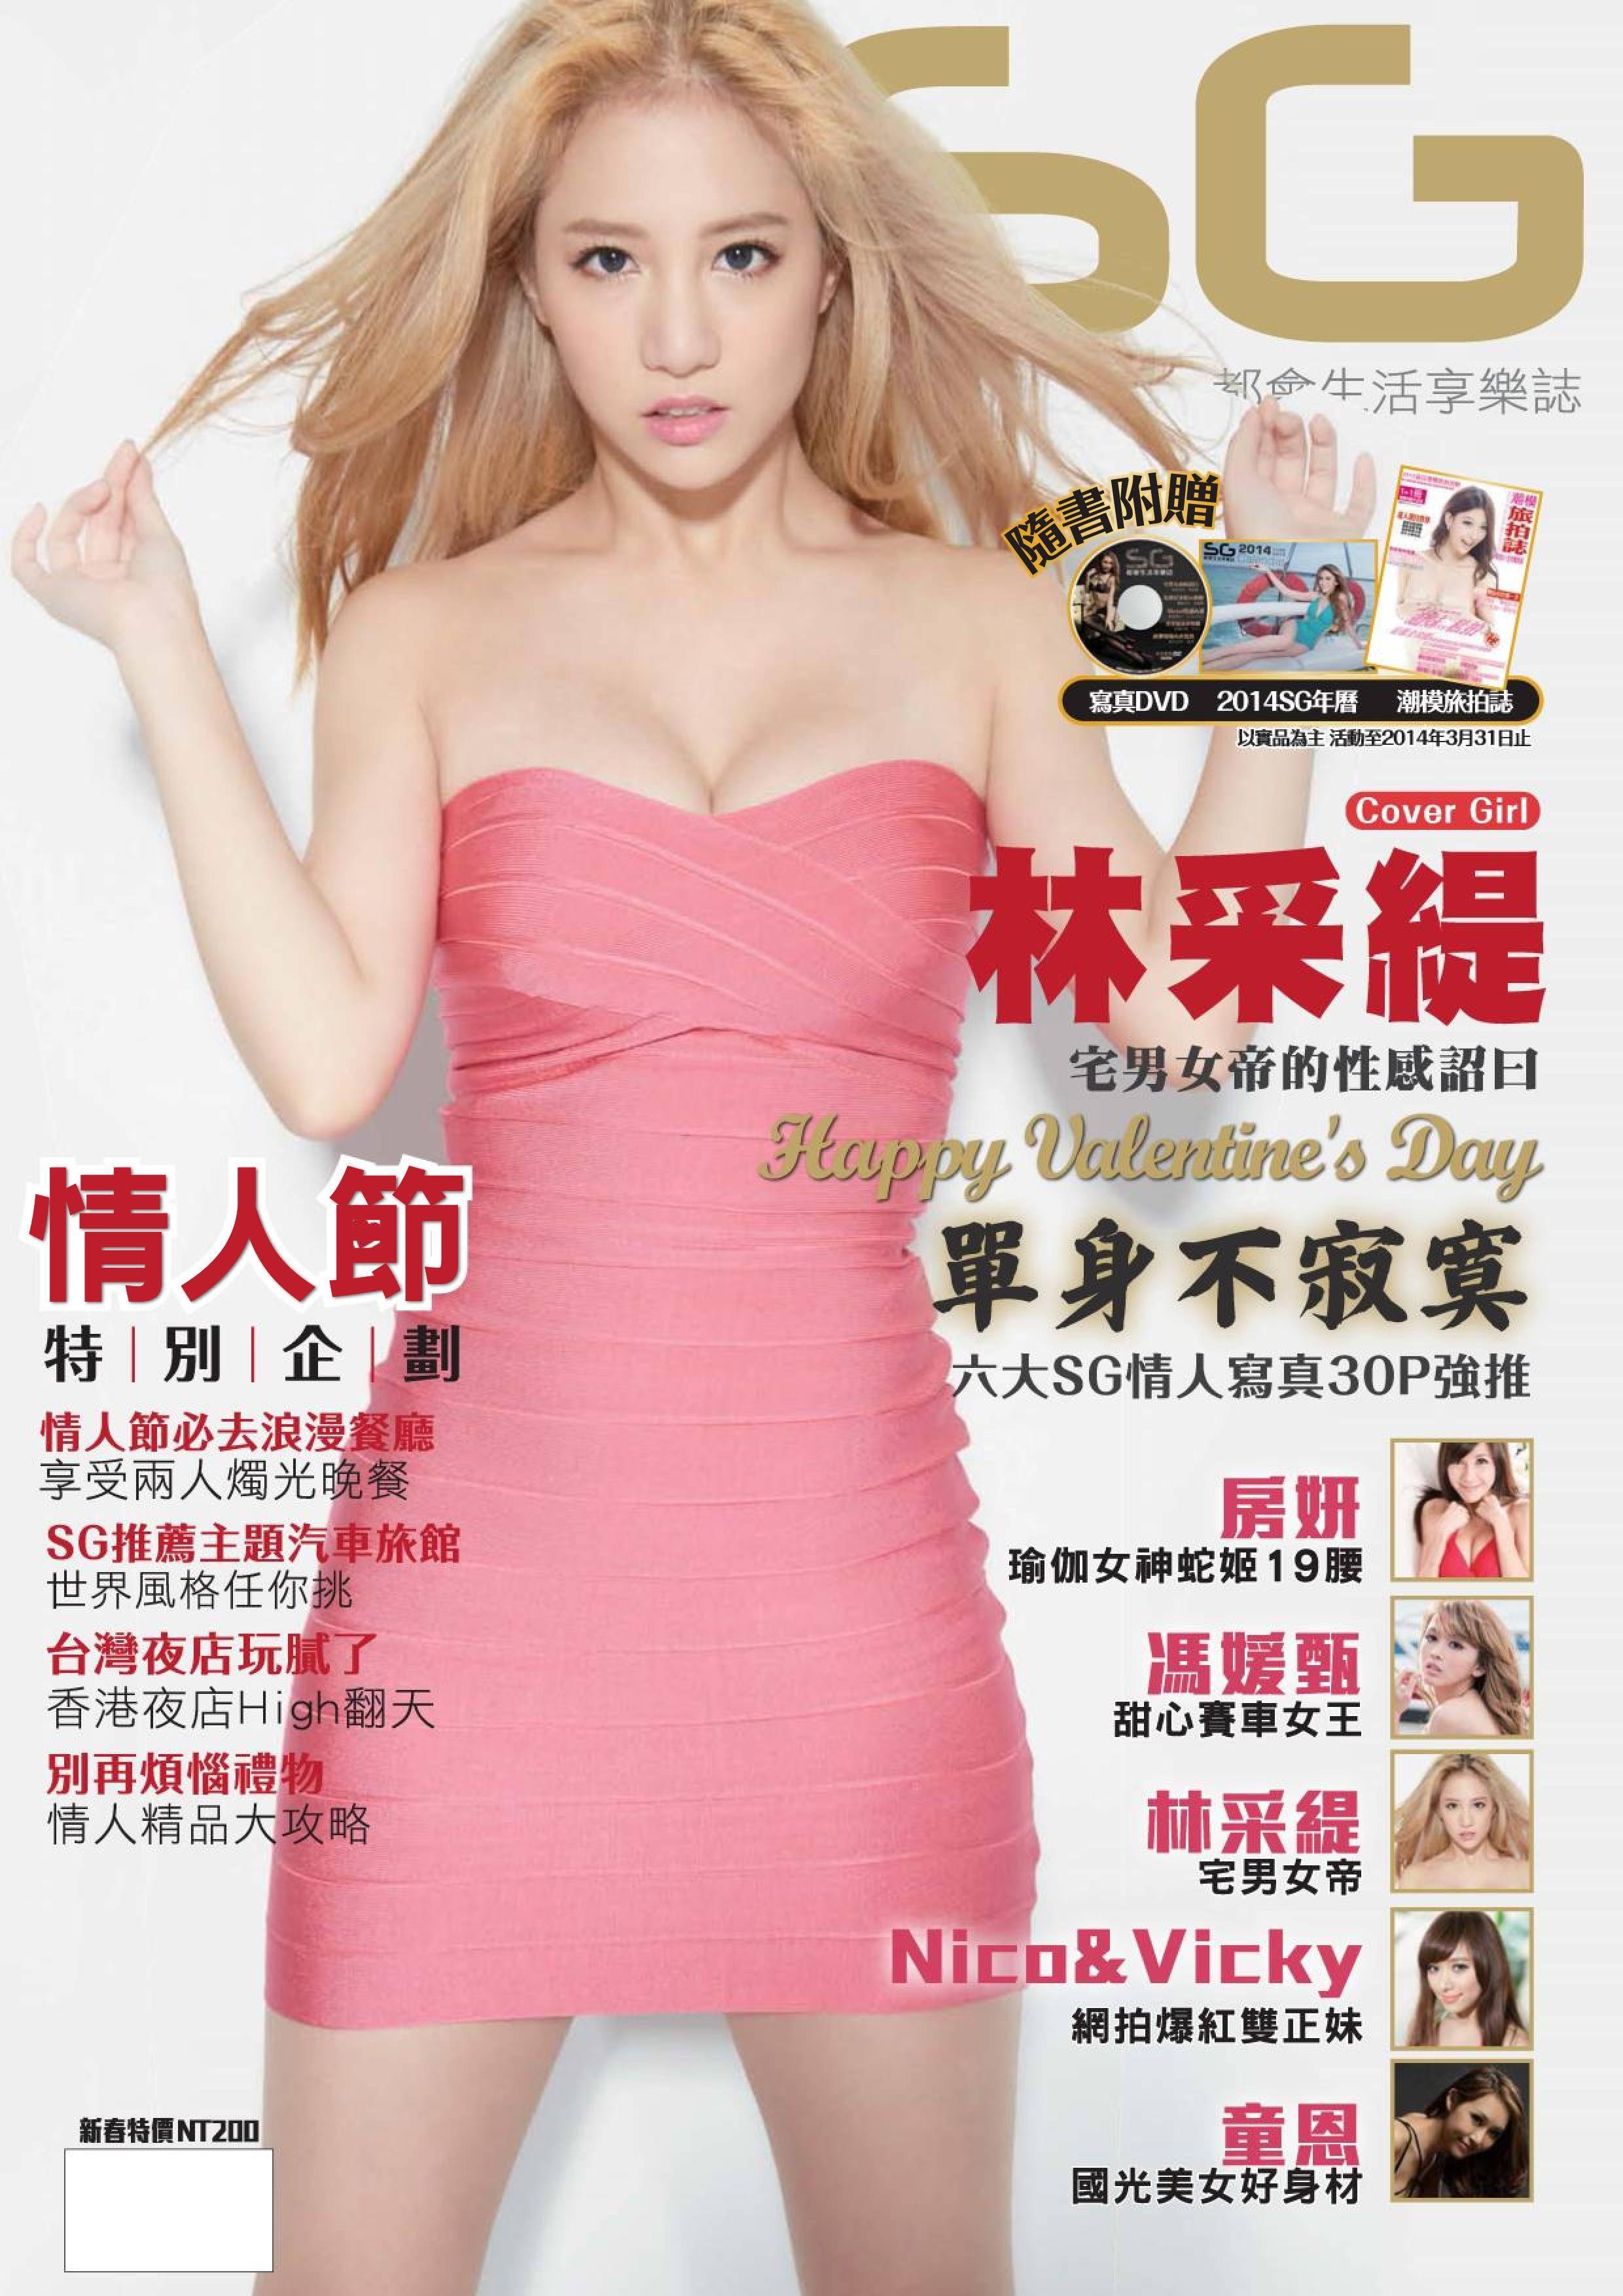 Sexy Girl SG 都會生活享樂誌 - 四月 14, 2015